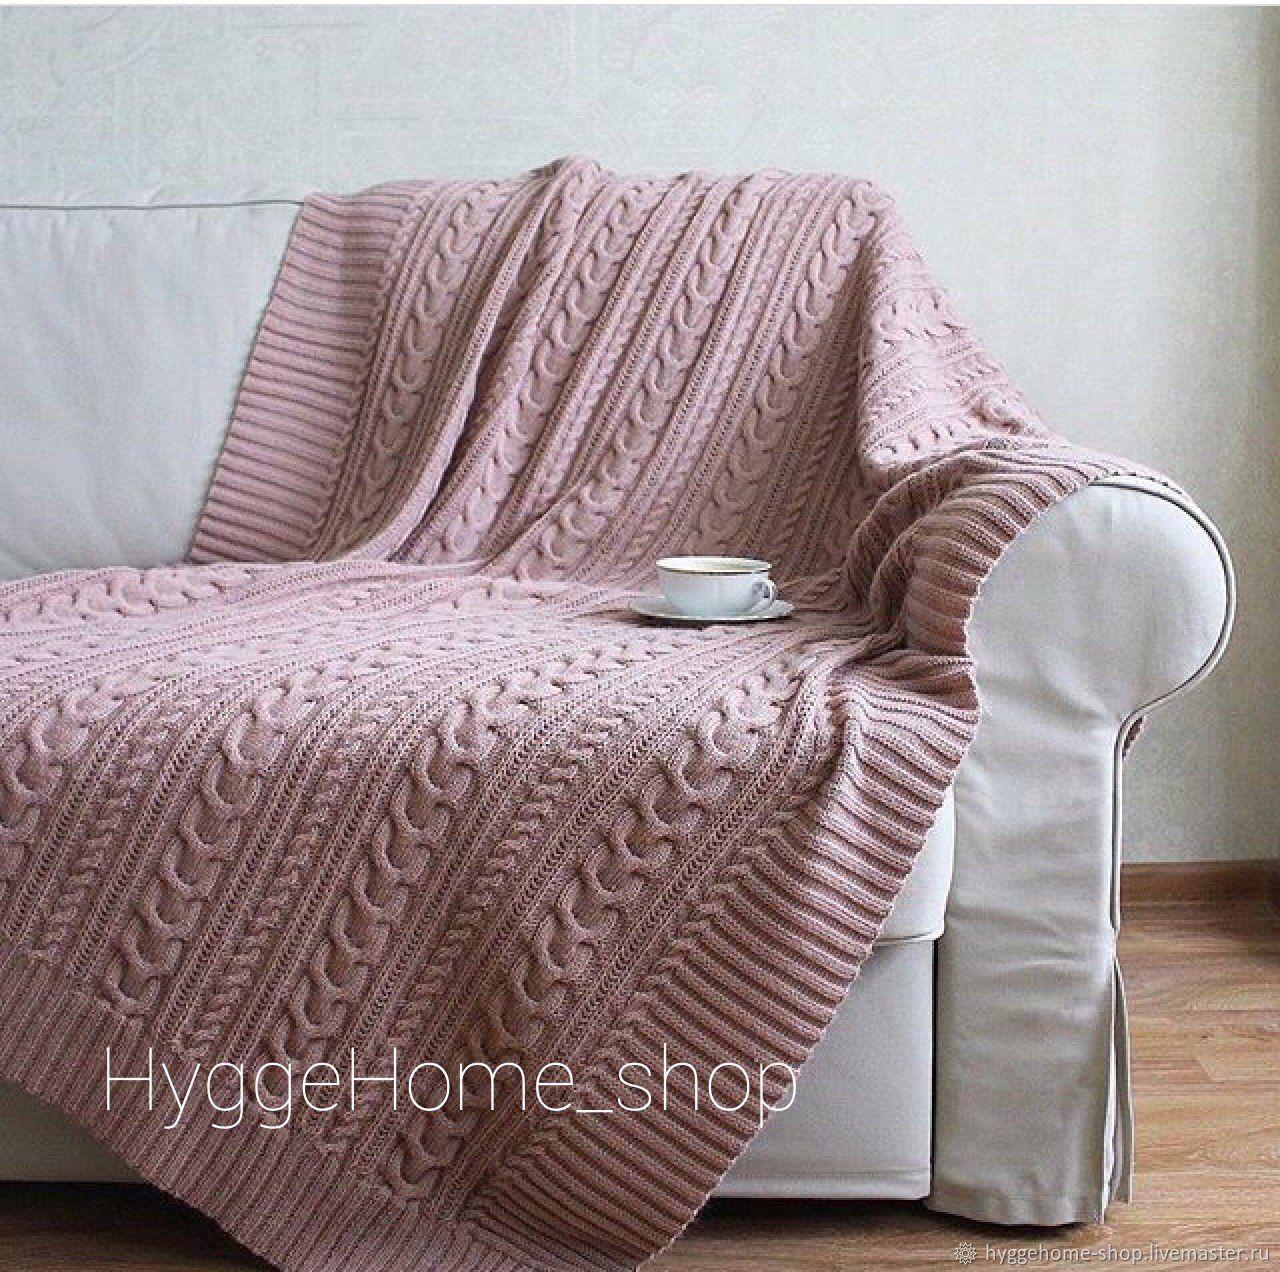 Текстиль, ковры ручной работы. Ярмарка Мастеров - ручная работа. Купить Плед вязаный пудра и много других расцветок. Handmade.